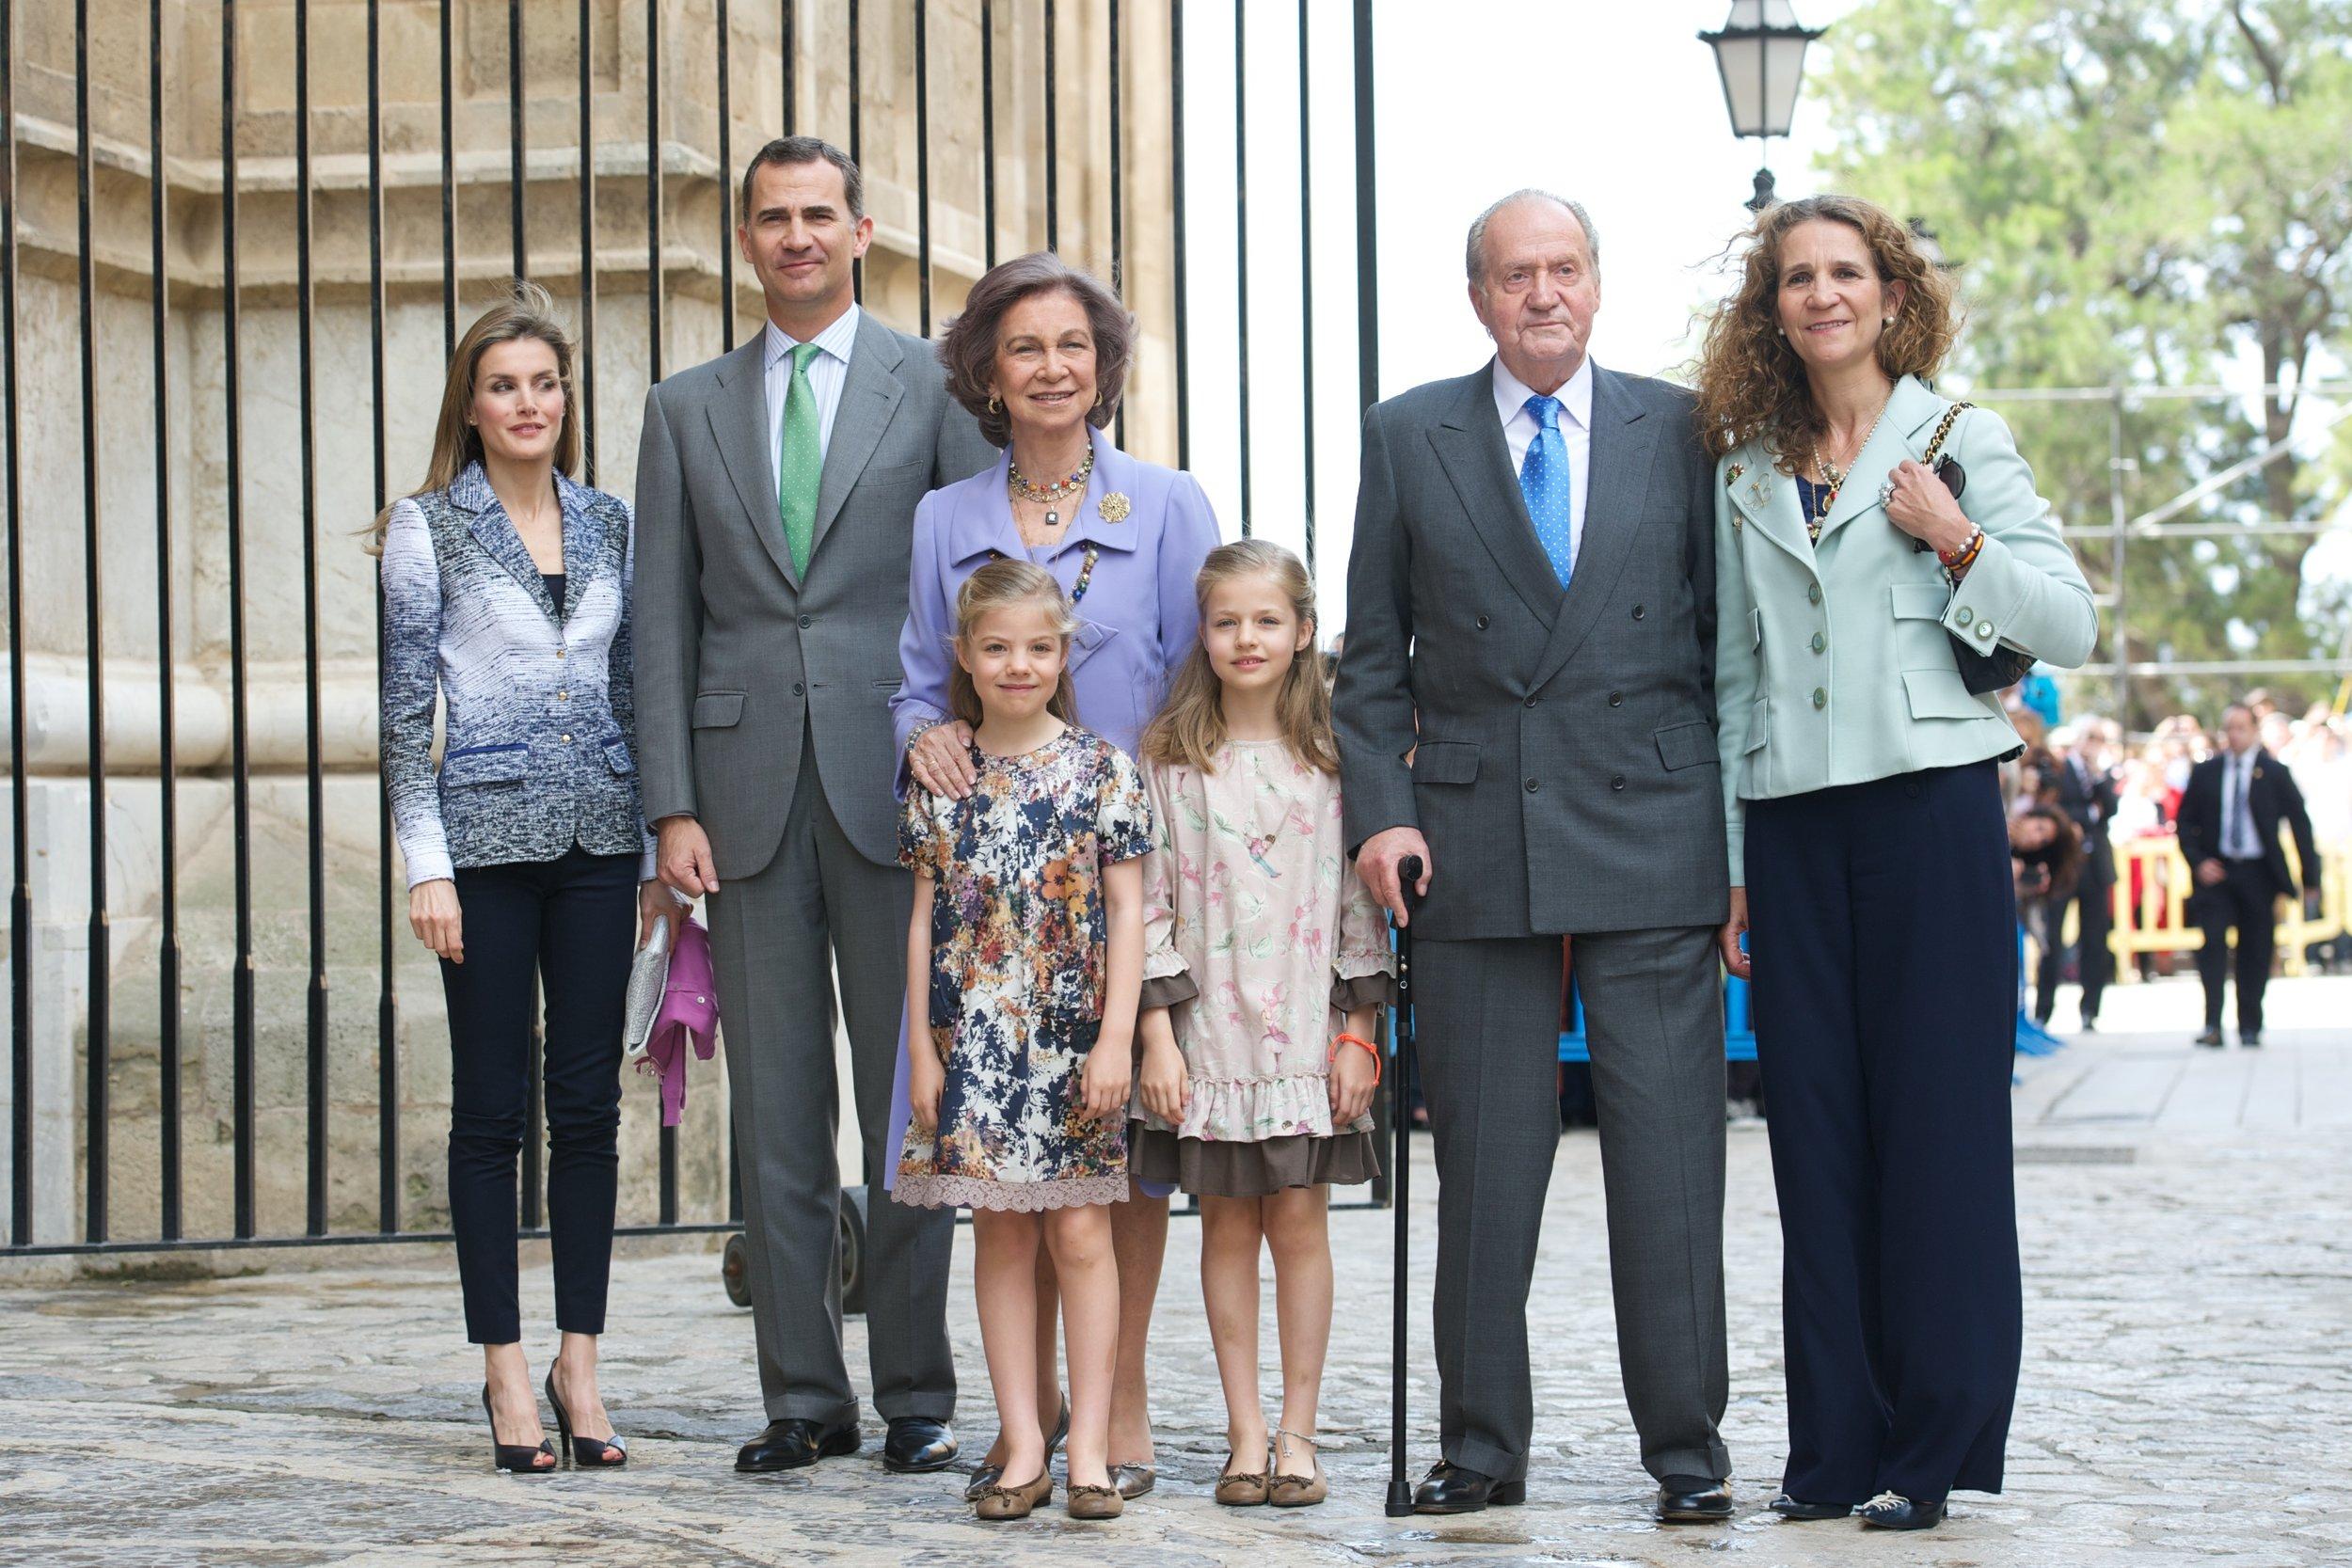 Name einfügen Palacio de La Zarzuela Carretera del Pardo s/n 28071 Madrid Spain   Foto: Getty Images